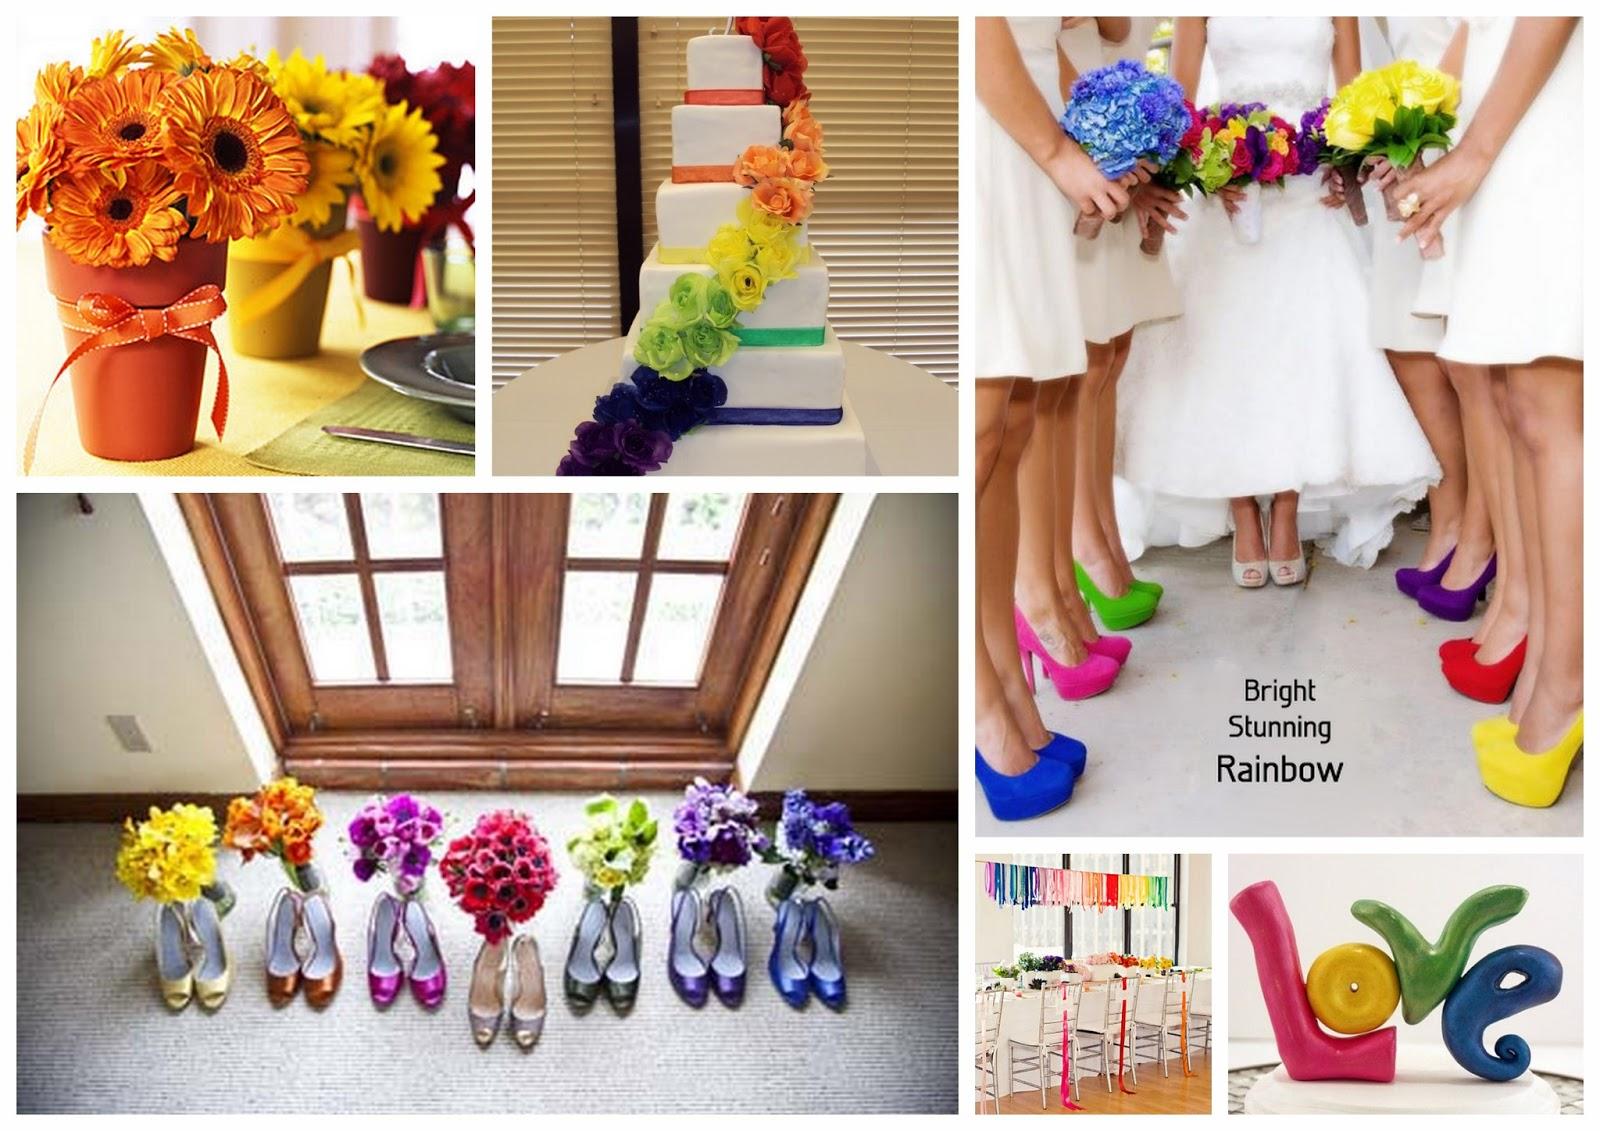 Events By Tammy: 2013 Wedding Trend #1: Rainbow Theme